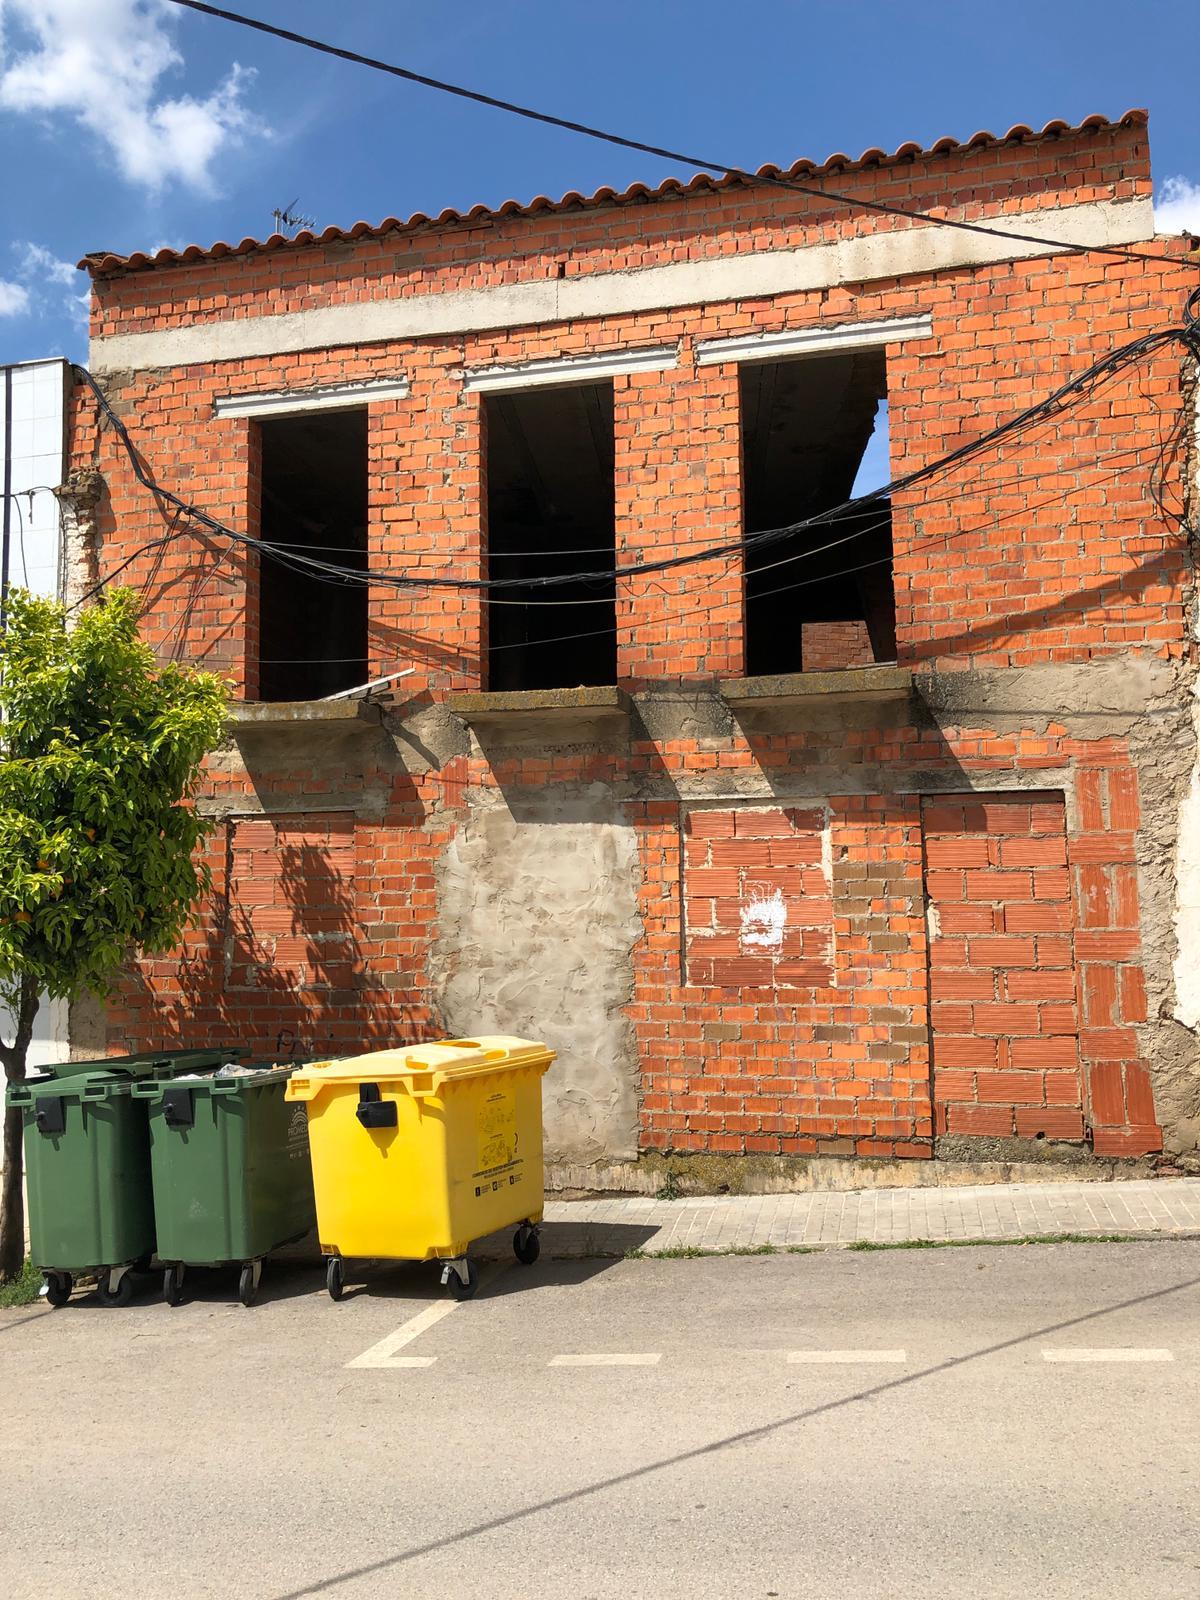 Piso en venta en Casco Antiguo, Puebla de Sancho Pérez, Badajoz, Calle la Fuente, 15.000 €, 1 habitación, 1 baño, 83 m2